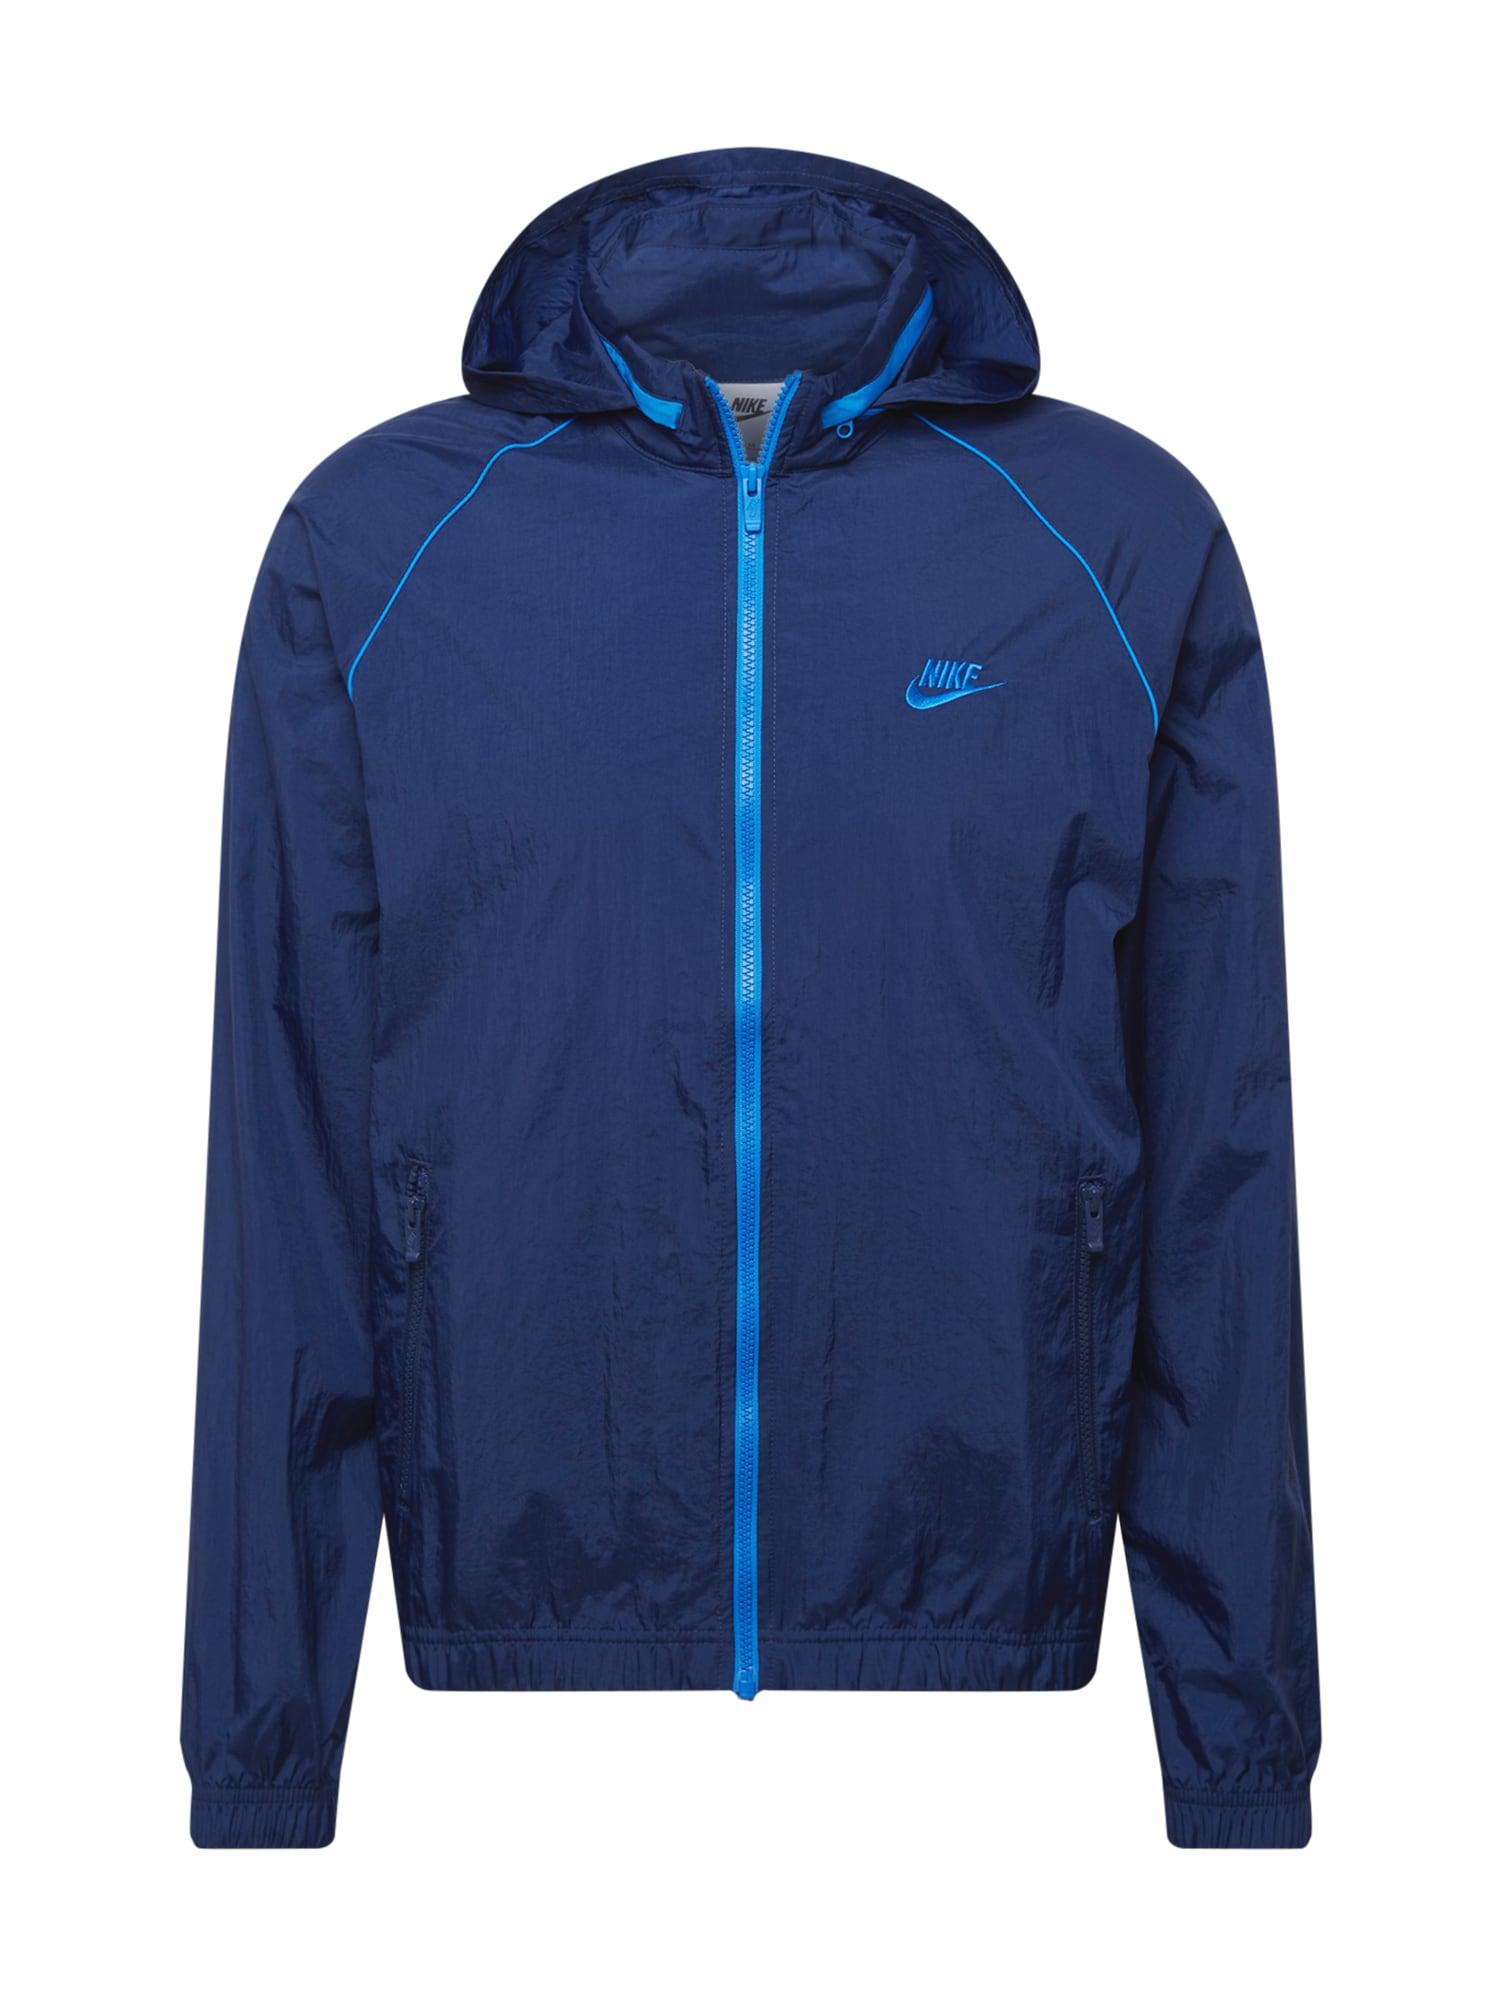 Nike Sportswear Demisezoninė striukė tamsiai mėlyna / mėlyna